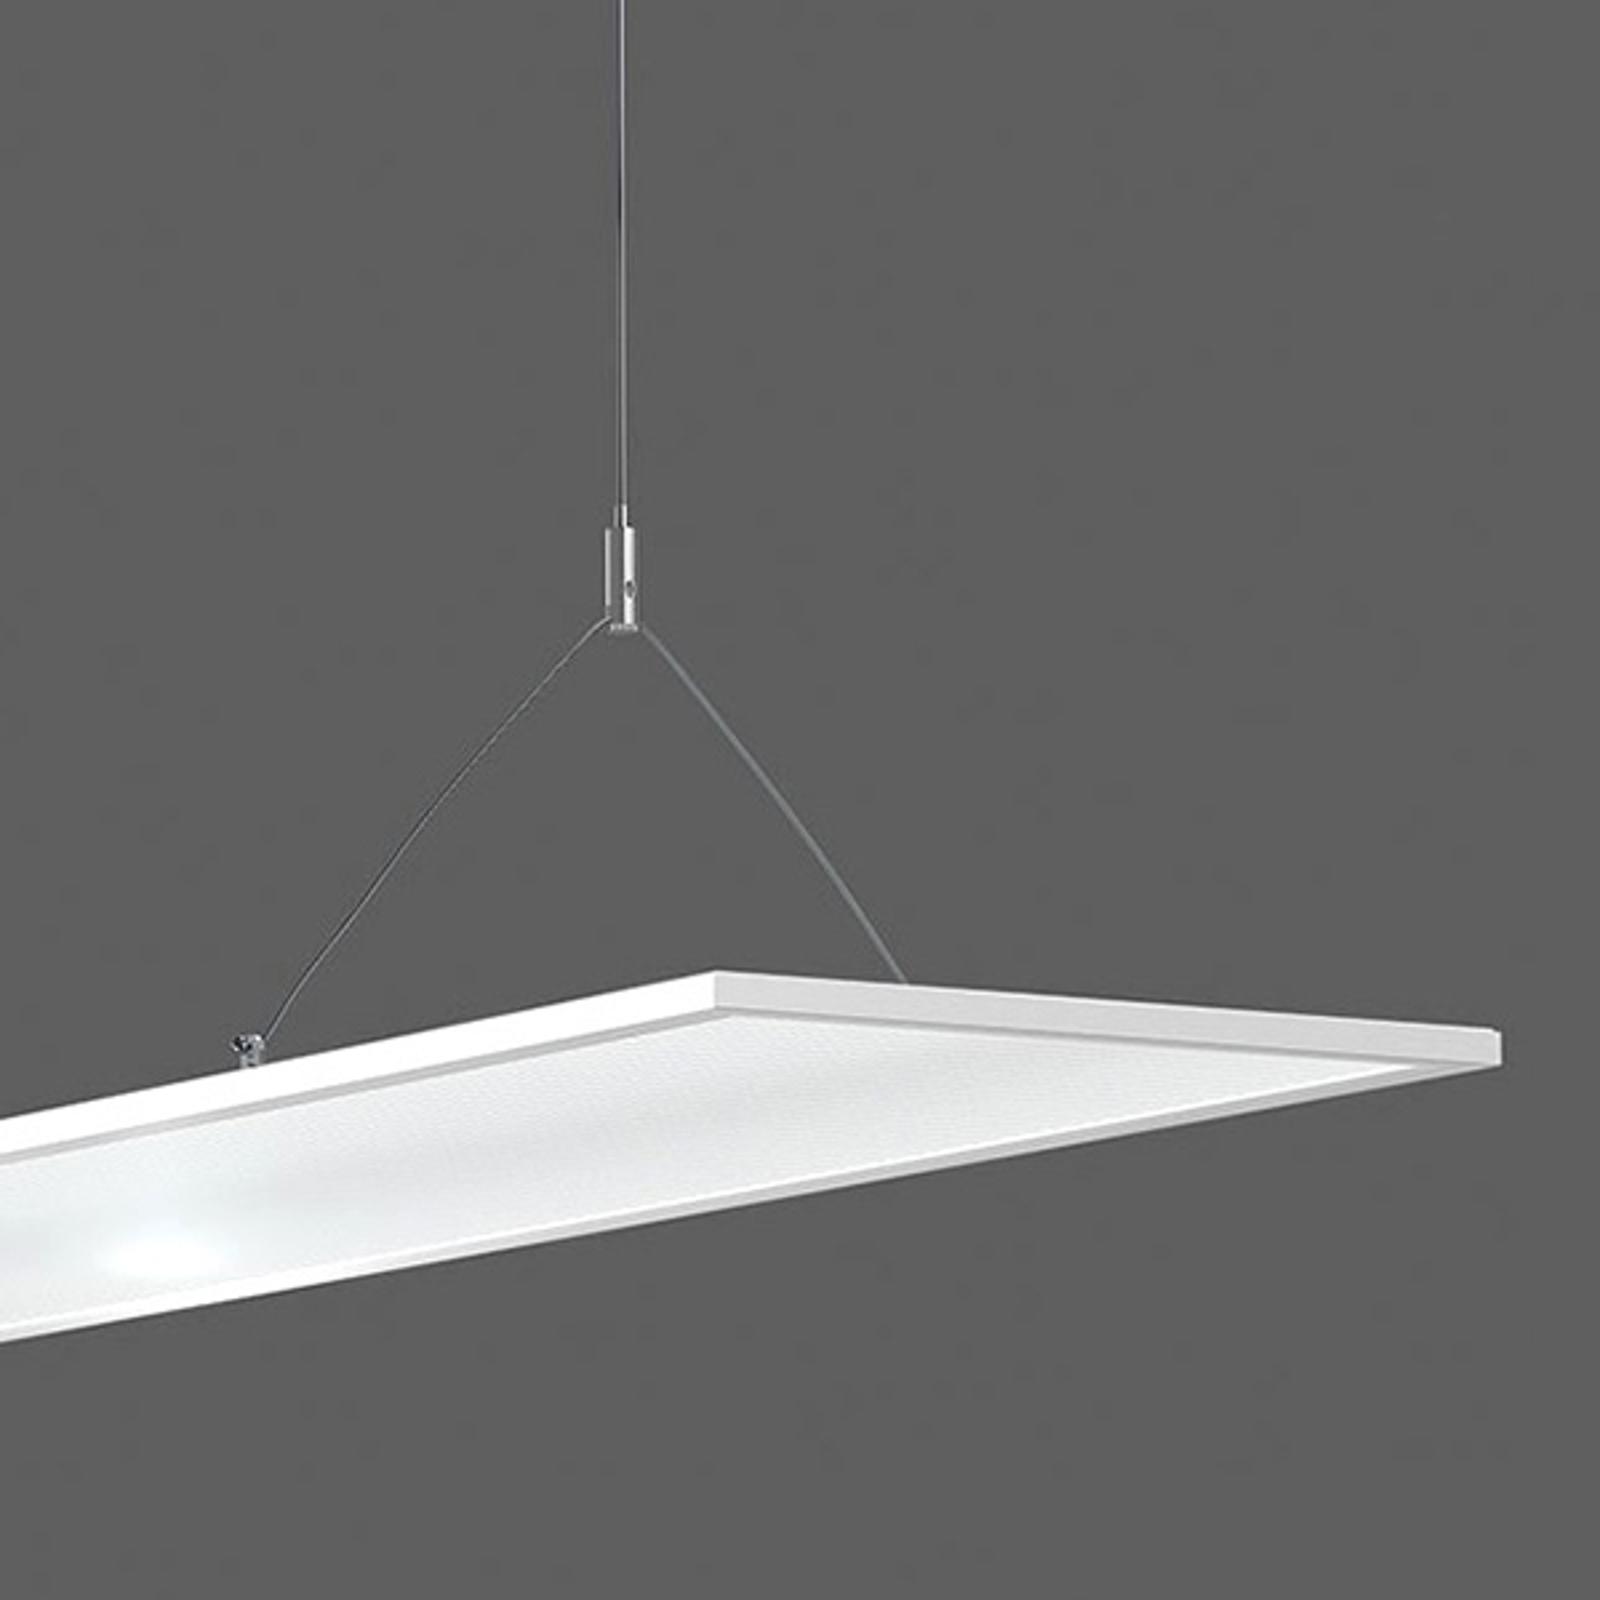 Y-linupphängningsset till LED-panel